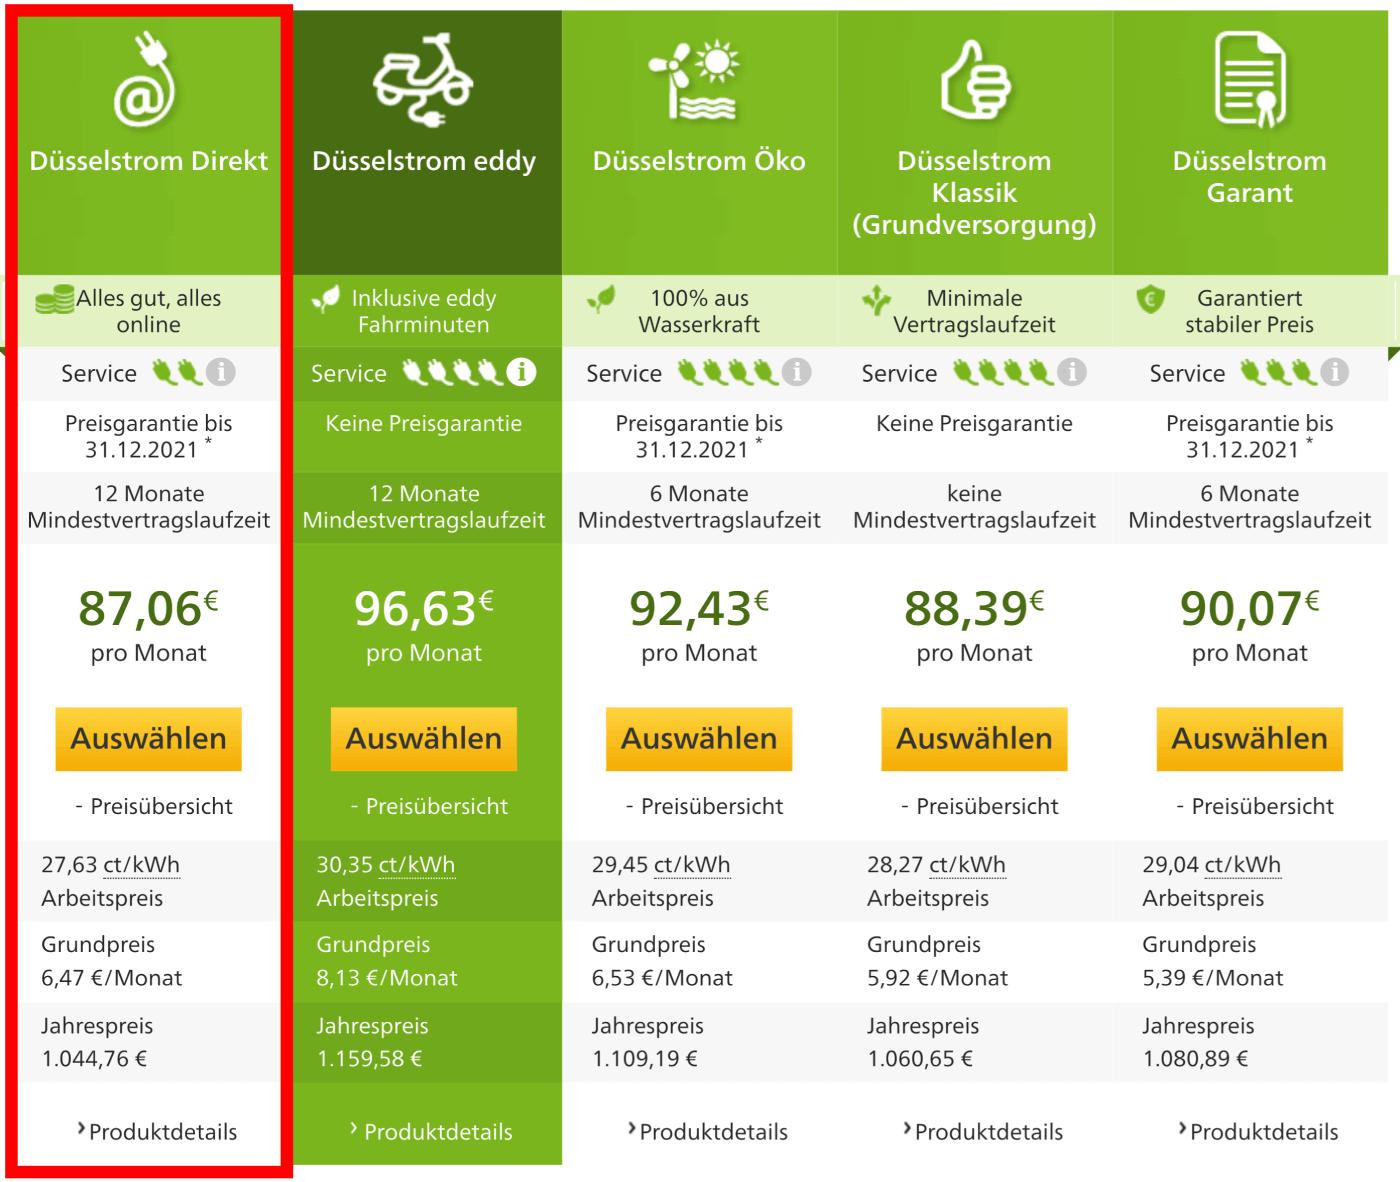 Strompreisvergleich Düsseldorf - alternative Stromtarife vom Grundversorger Stadtwerke Düsseldorf